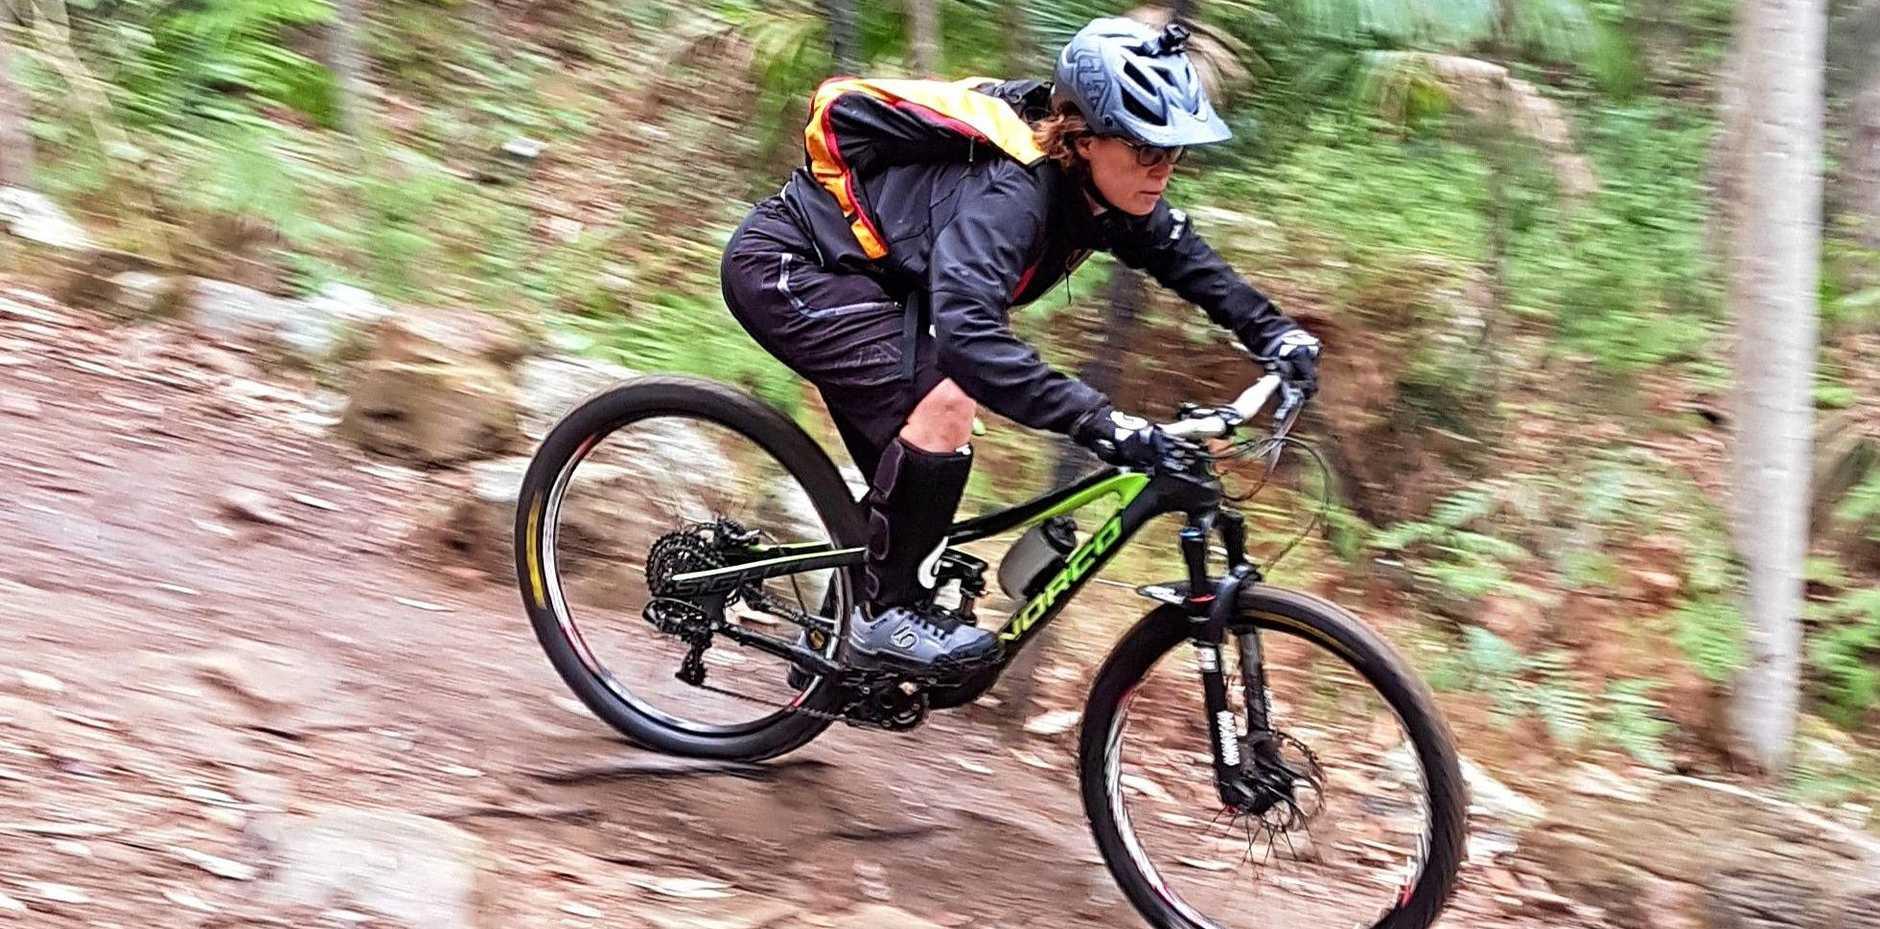 Emma Rhymer enjoying a ride at the Awaba trails, Newcastle NSW last week.